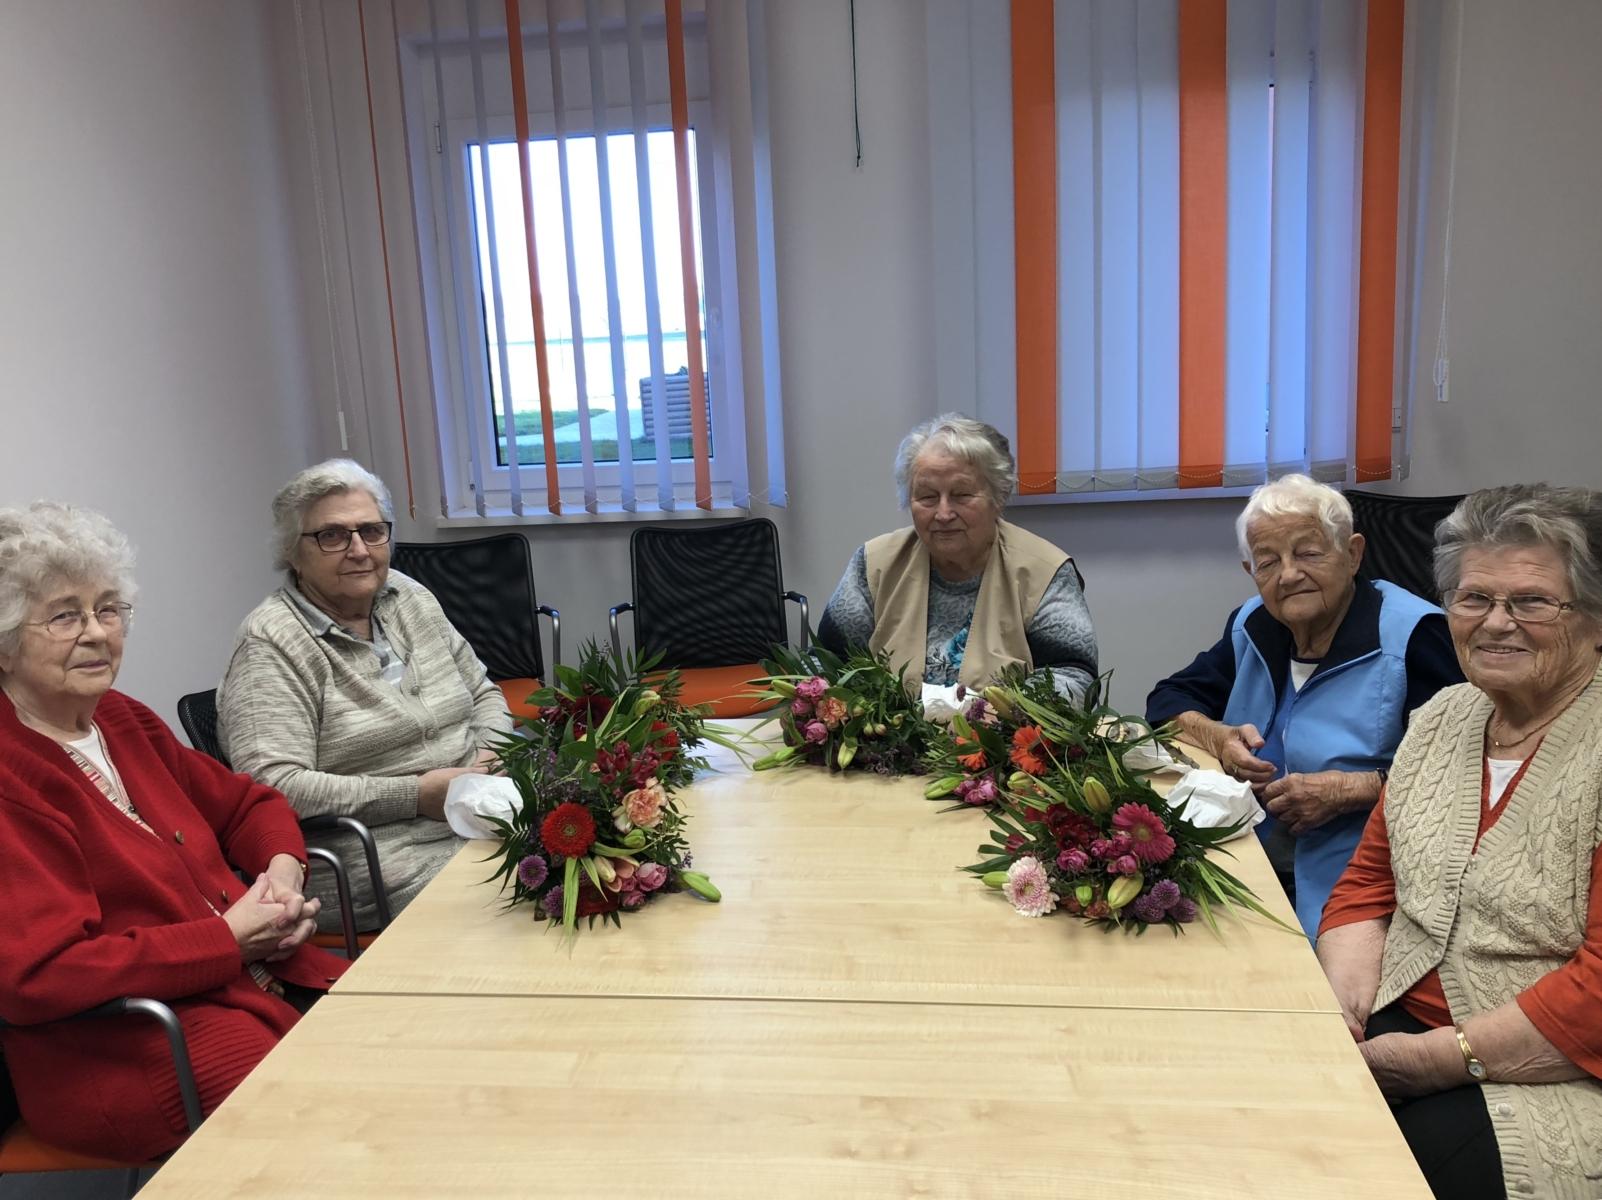 Heimbeirat, Haus alma, Seniorenpflege Hohburg